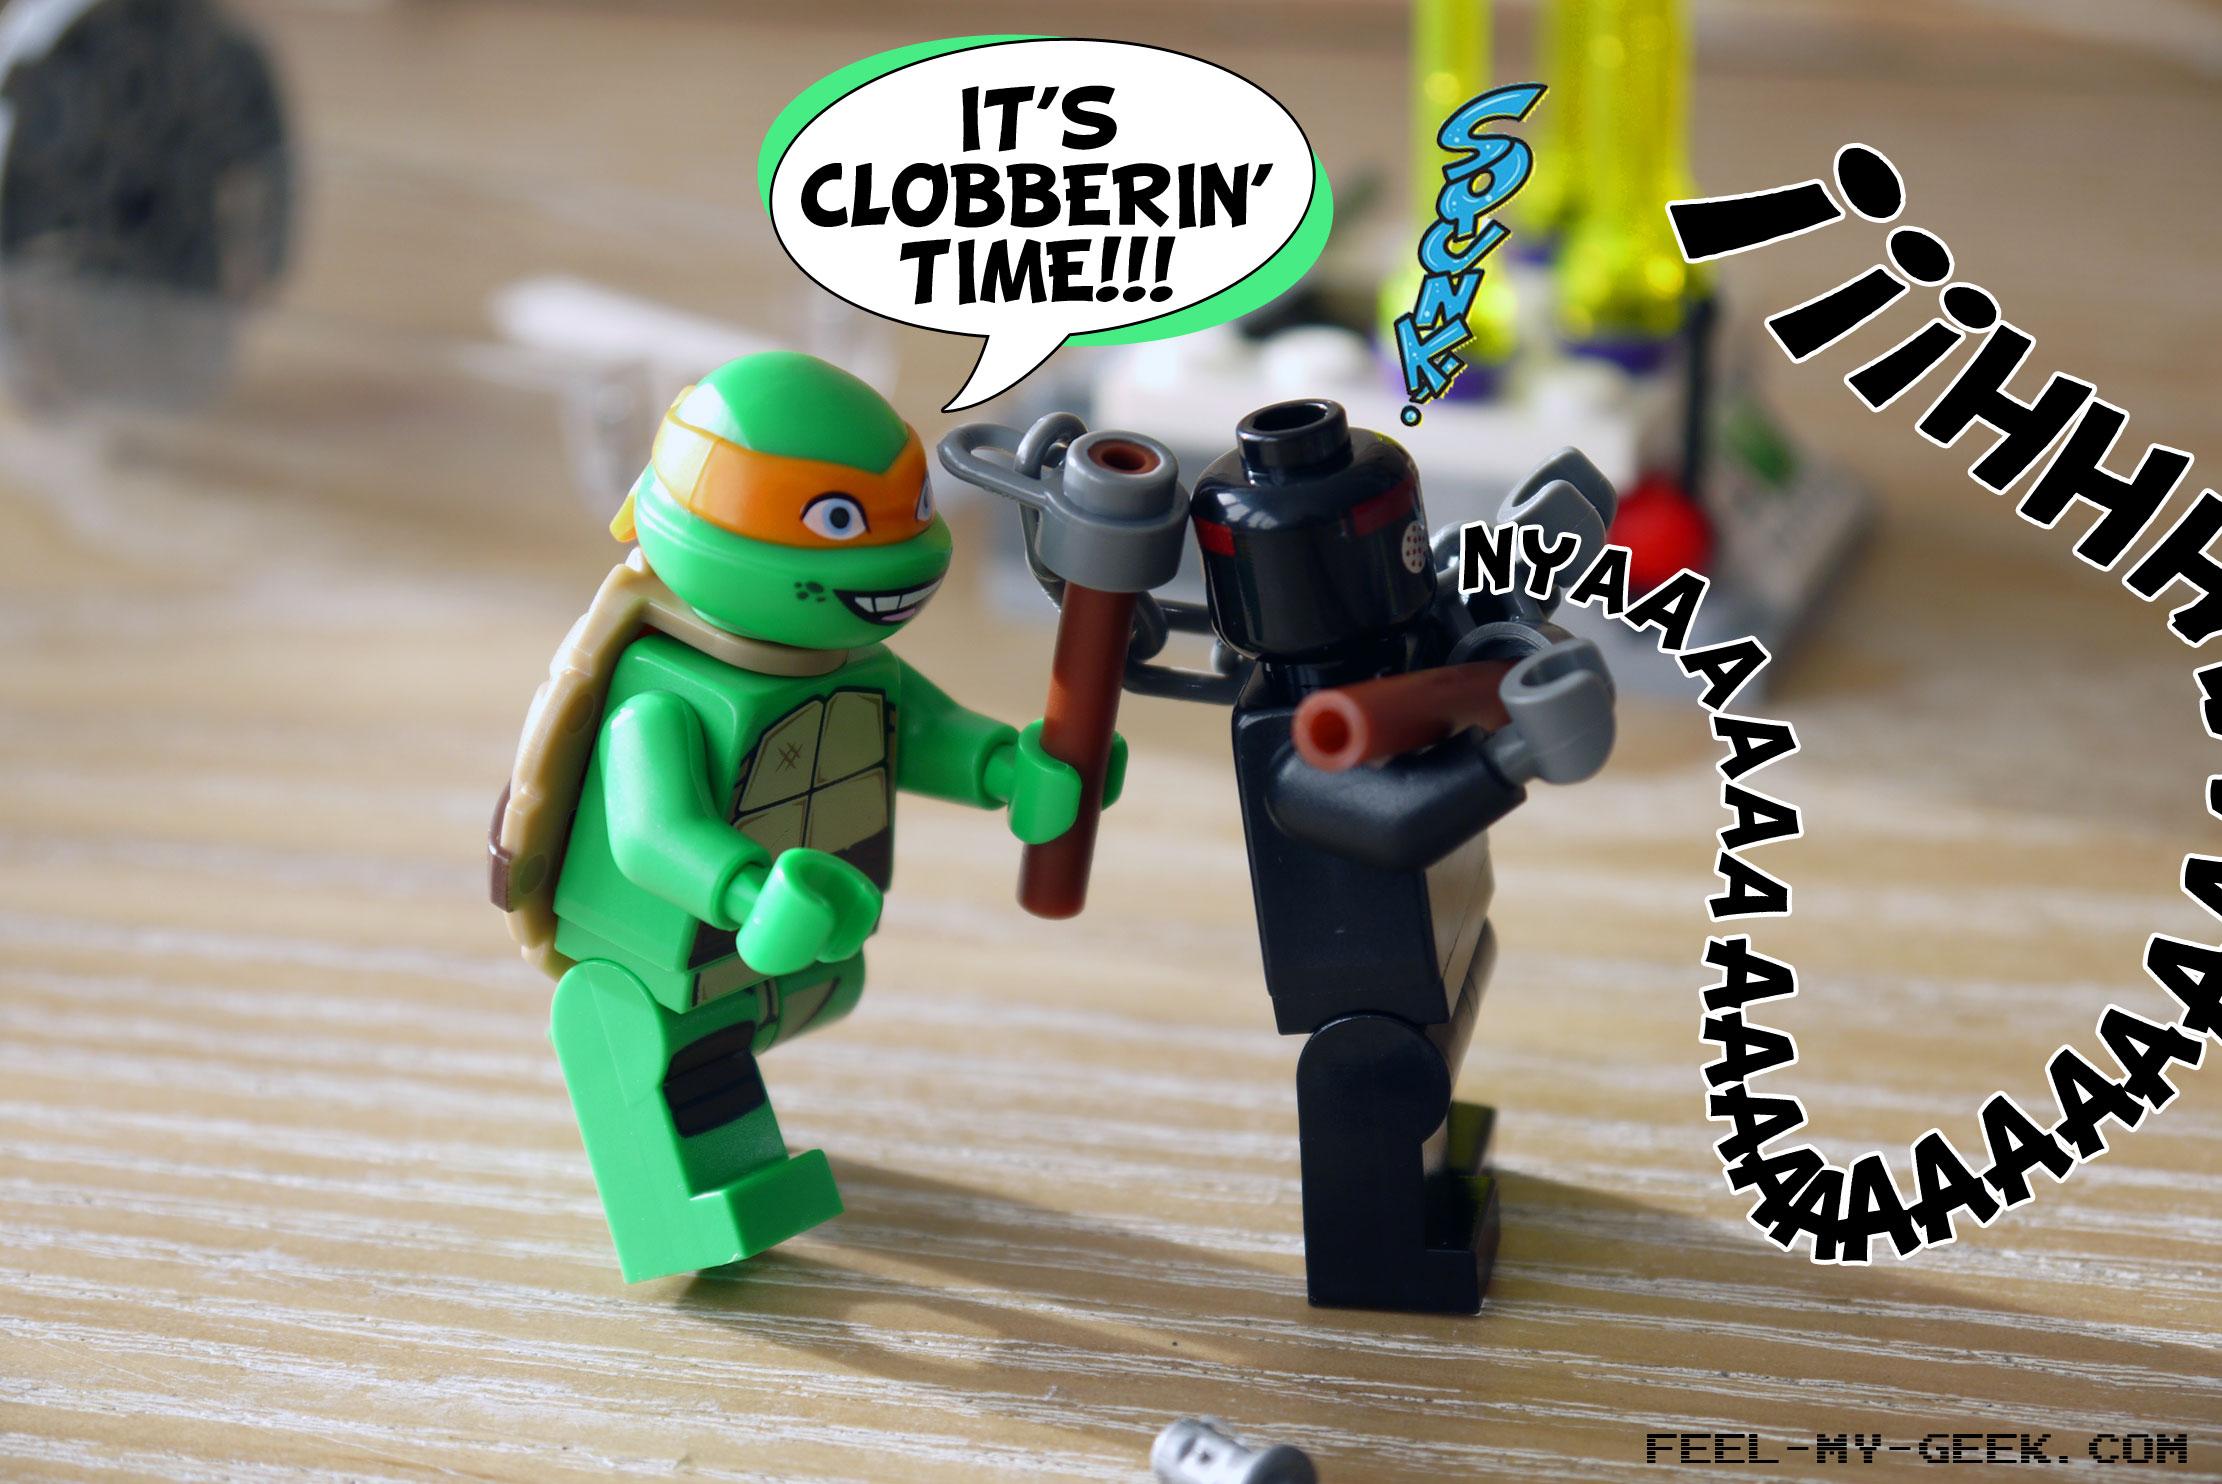 Enfin libre, Michelangelo décide de faire ce que tout bon samaritain devrait faire, et il punit le soldat du Foot pour sa bêtise profonde !